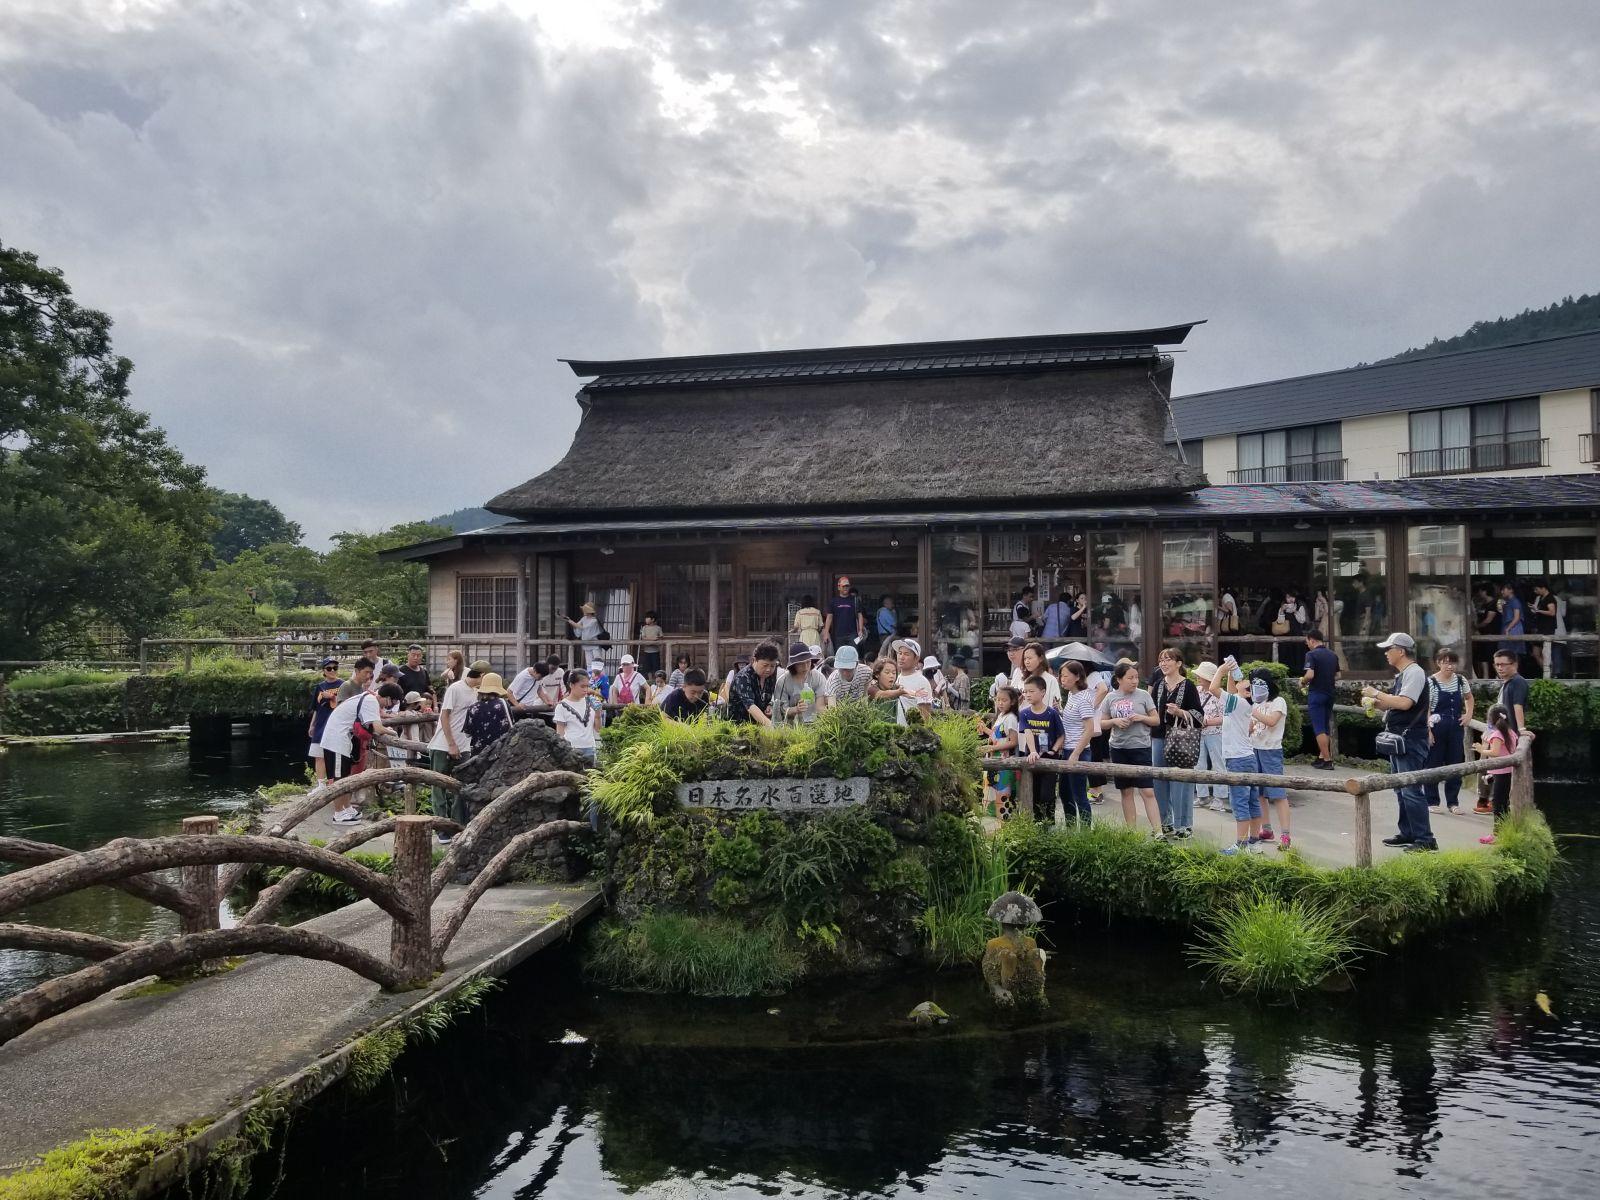 Làng cổ Oshino Hakkai - Nơi lưu giữ nét xưa Nhật Bản